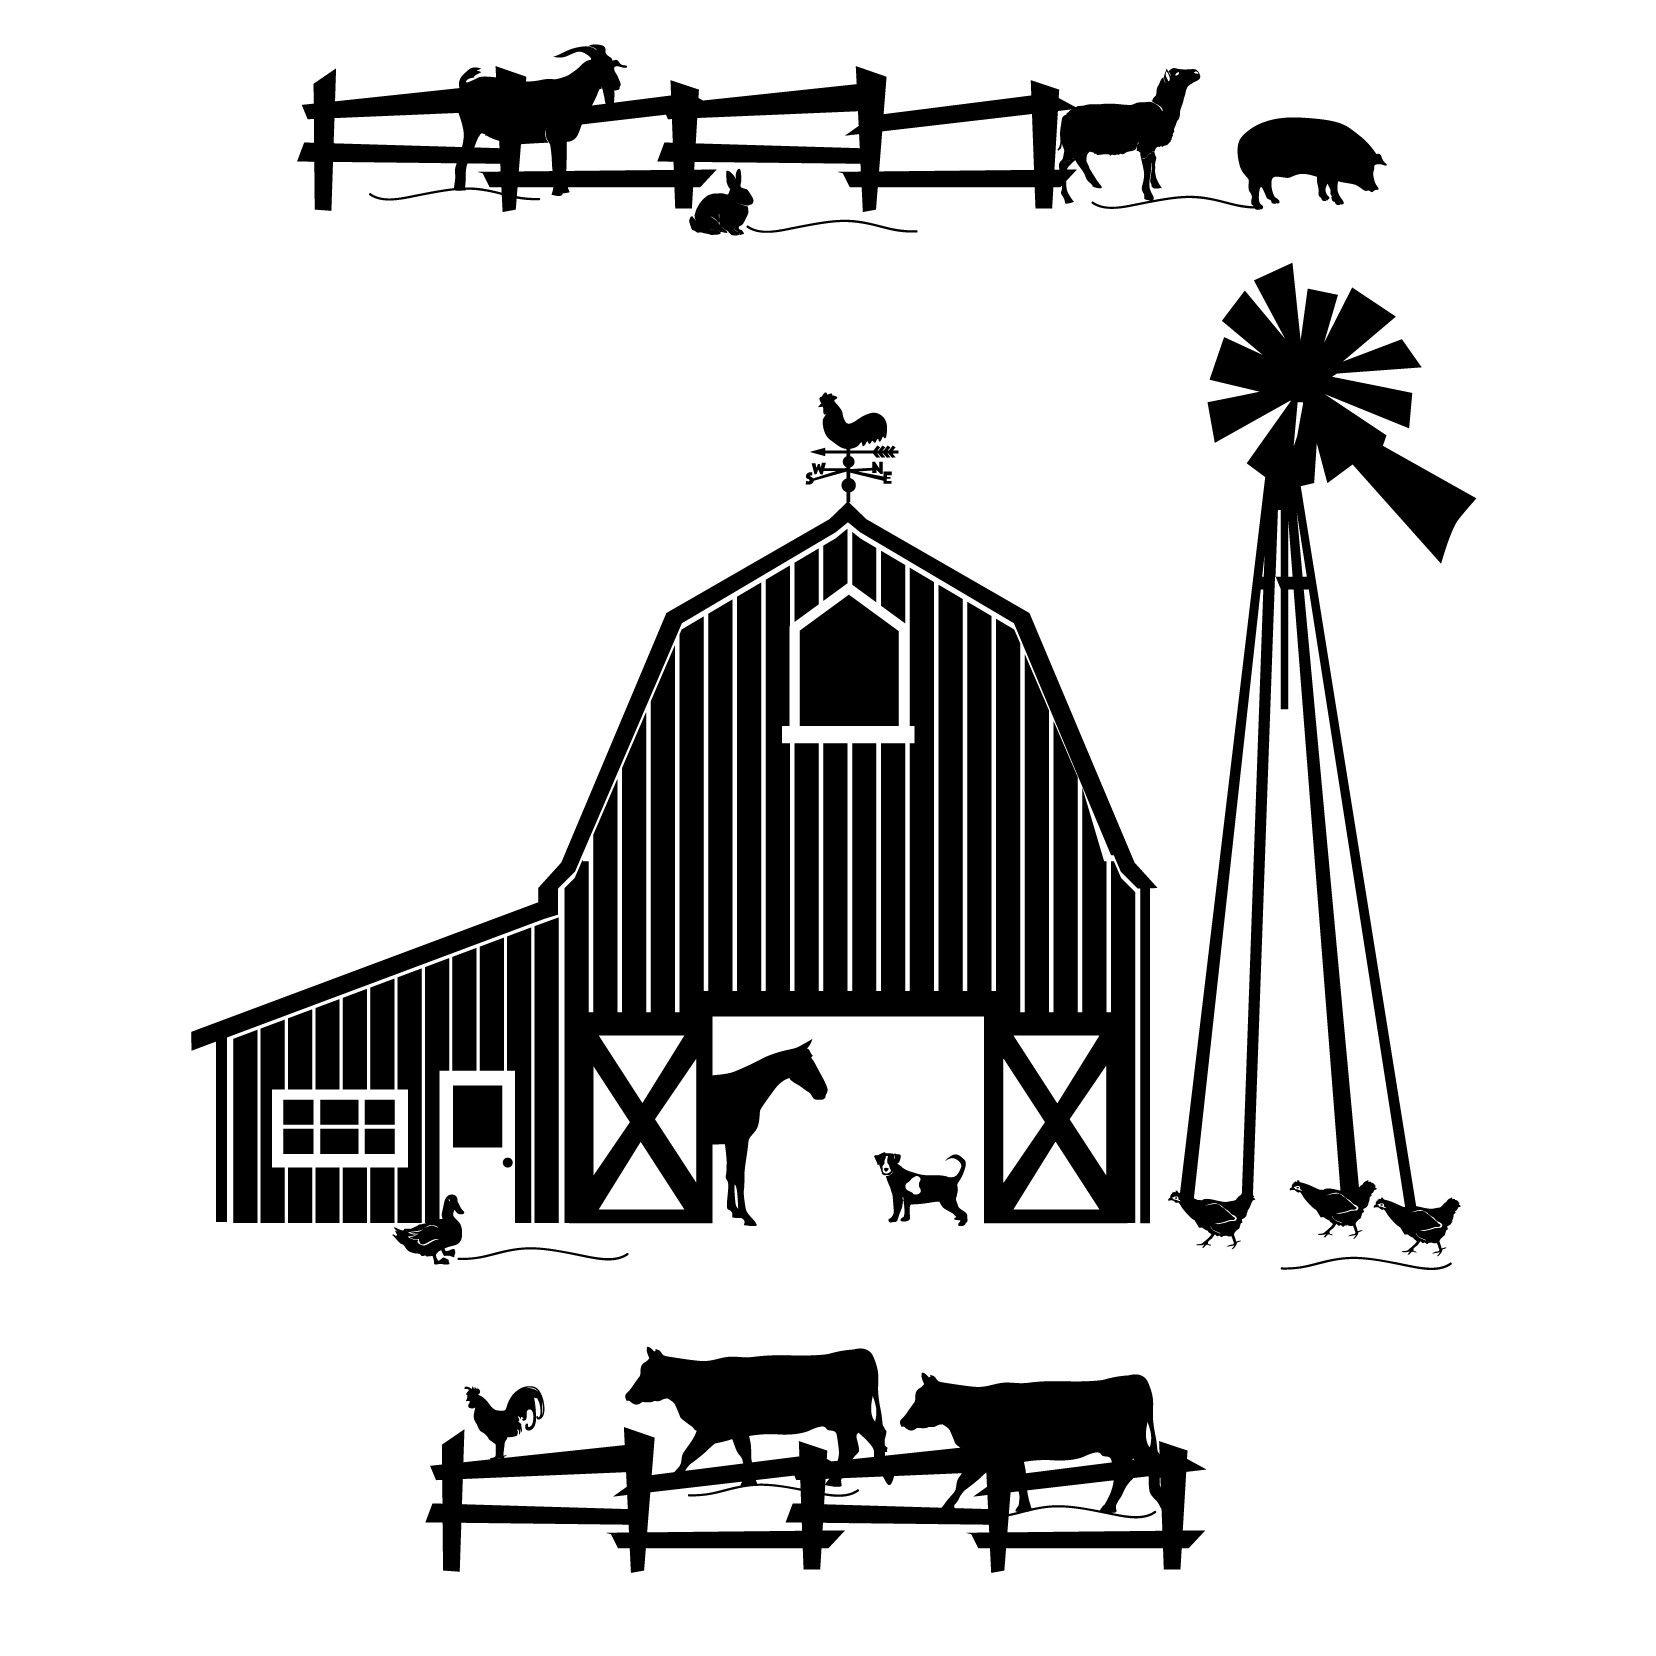 farm scene clipart black and white - Google Search | centennial ...